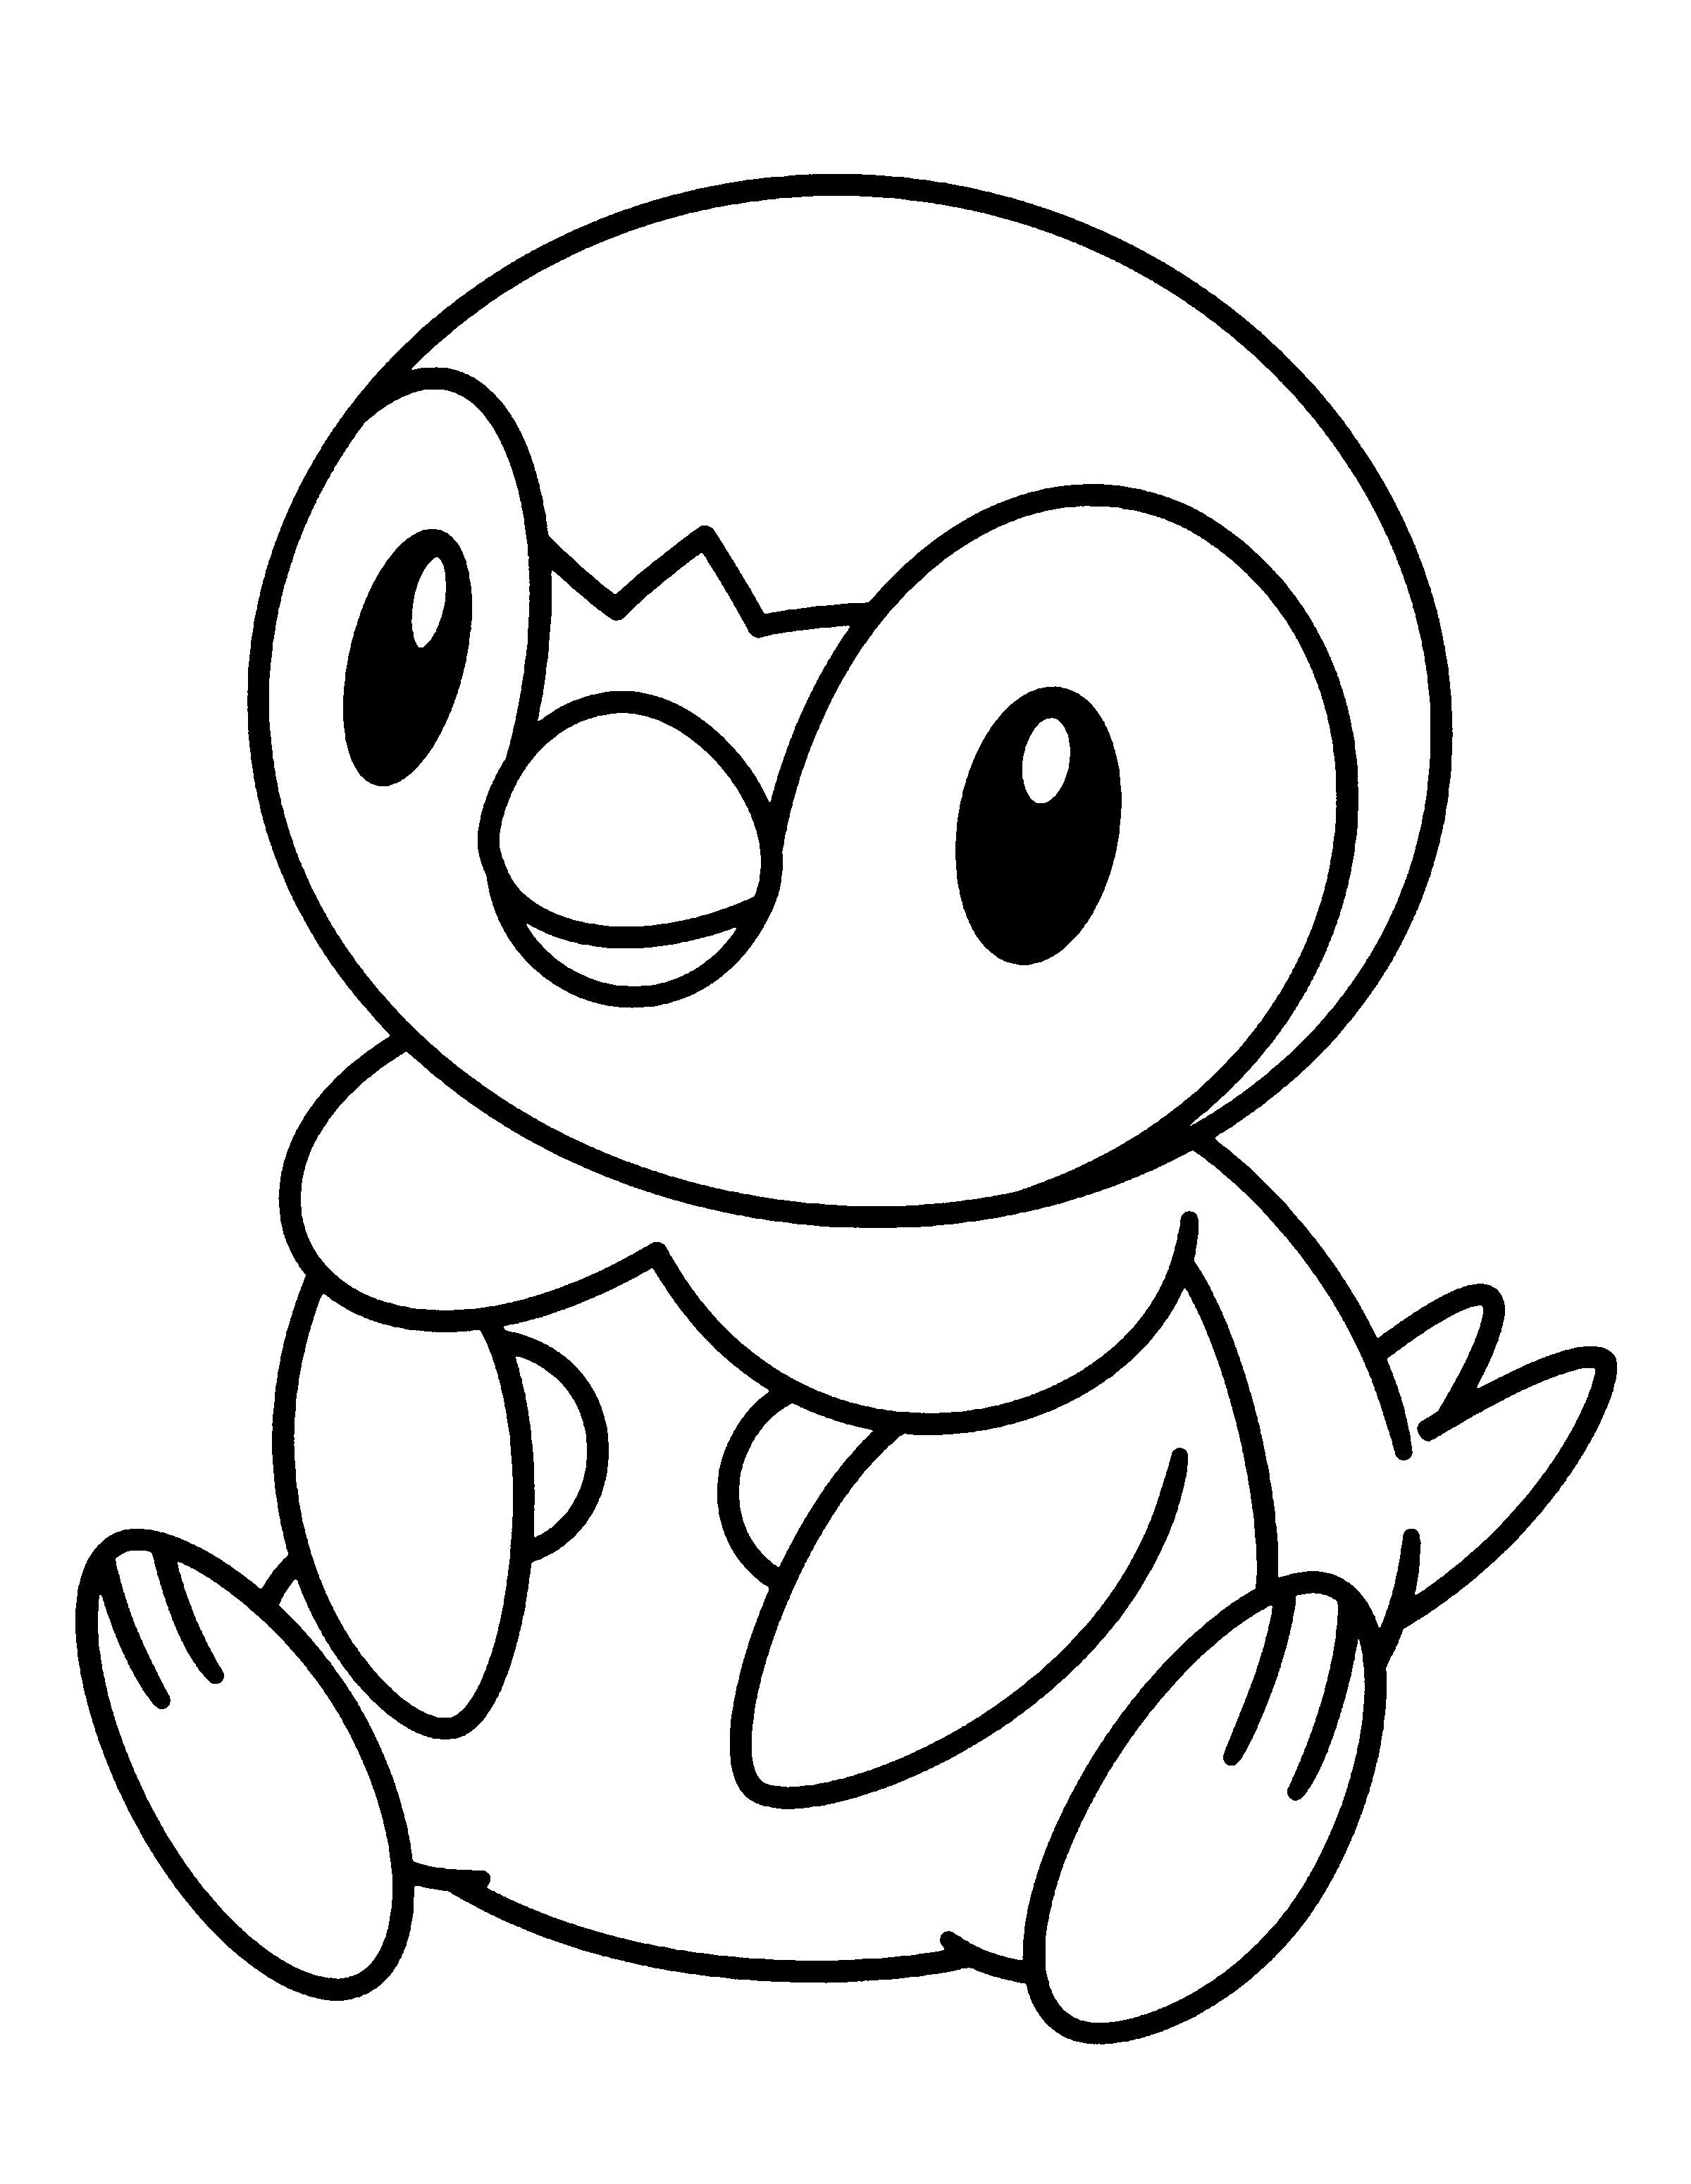 Pokemon Ausmalbilder sonne Und Mond Genial 31 Lecker Pokemon Ausmalbilder Evoli – Große Coloring Page Sammlung Bild